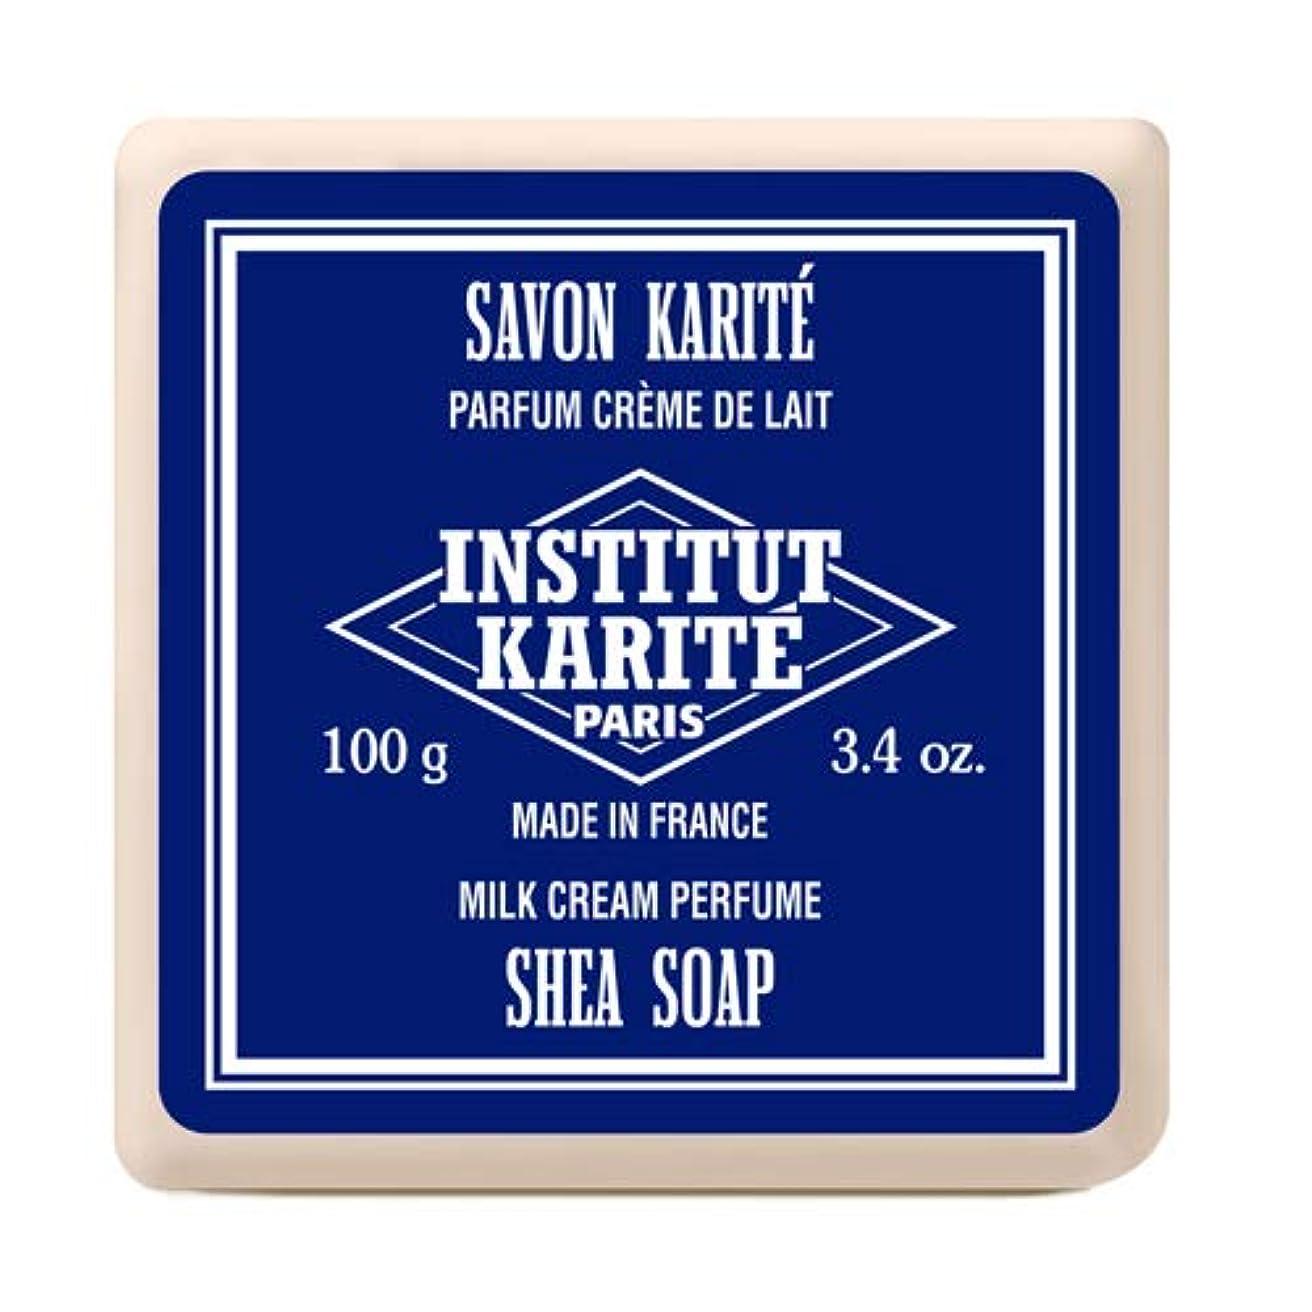 ボイコットプロテスタント例INSTITUT KARITE インスティテュート カリテ Shea Wrapped Soap シアソープ 100g Milk Cream ミルククリーム